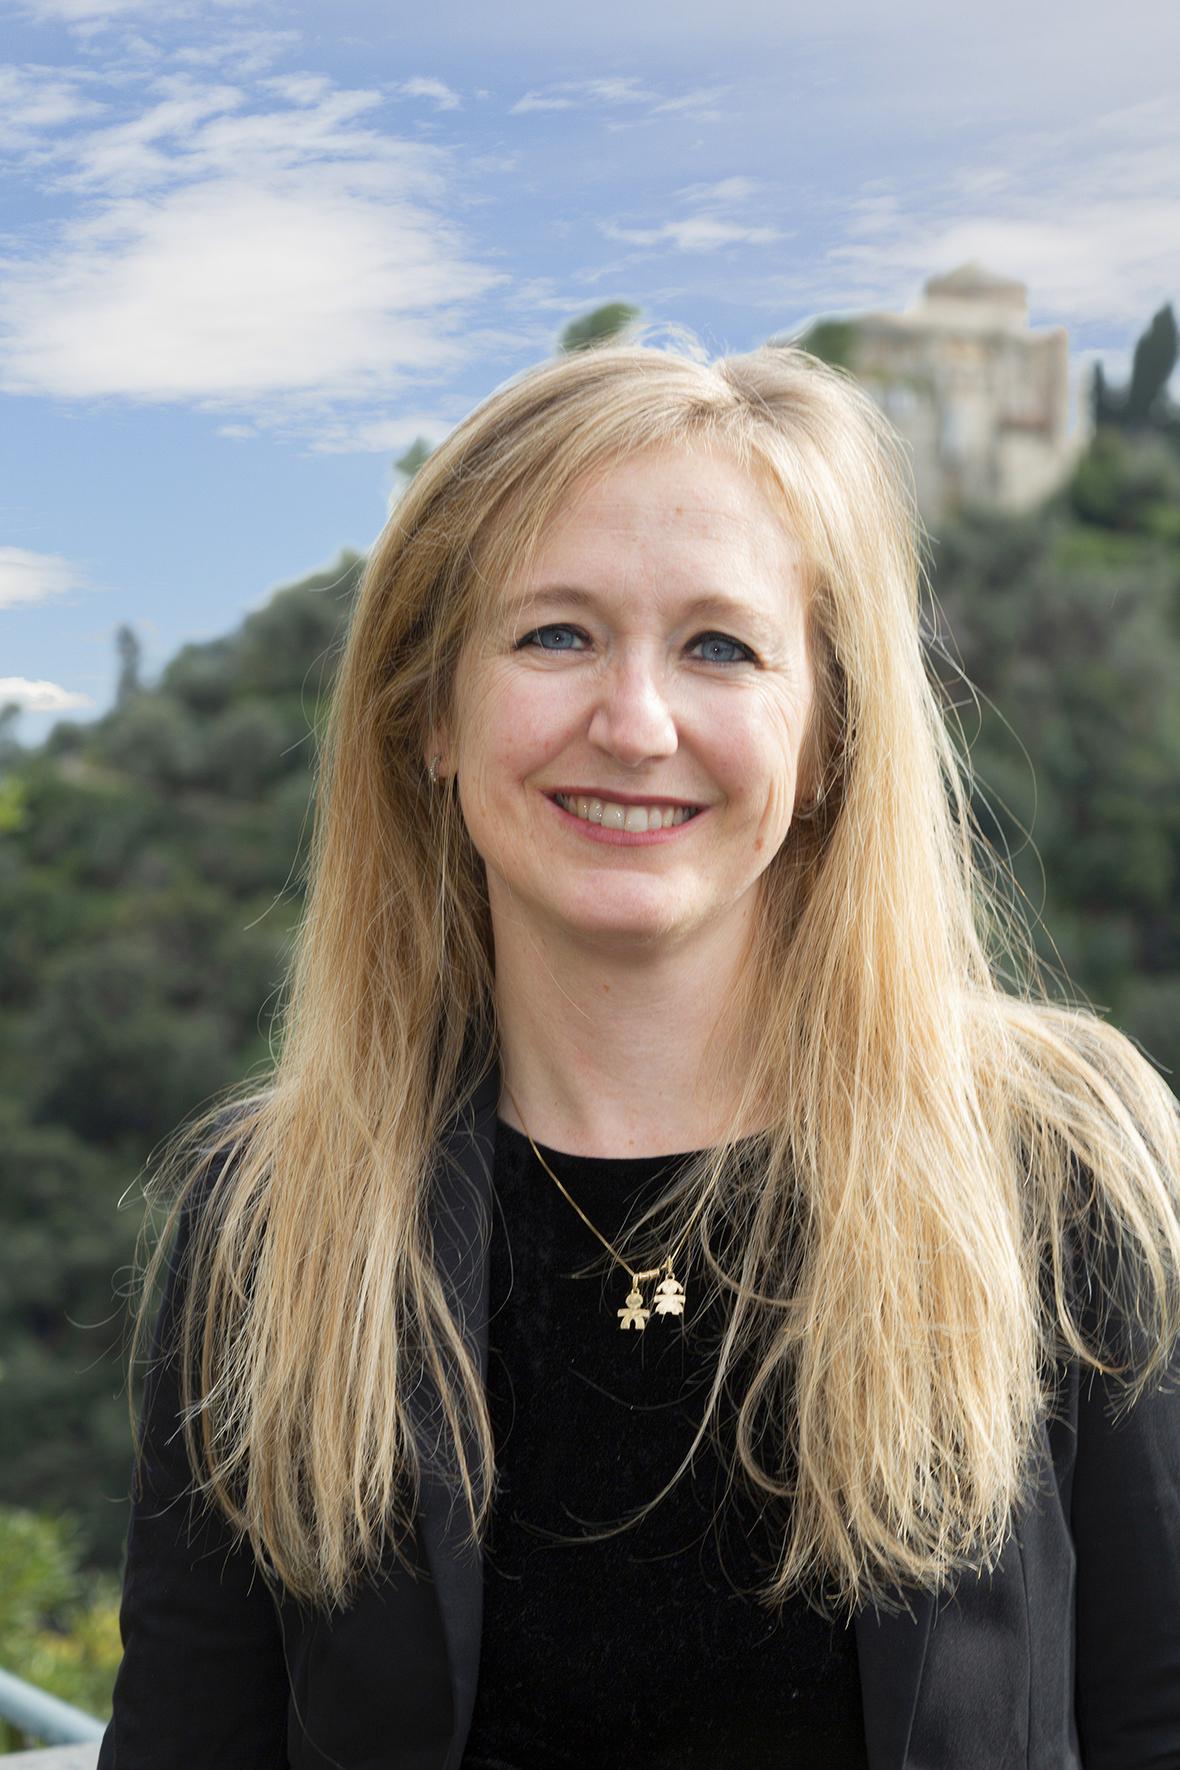 Annalisa Groppi